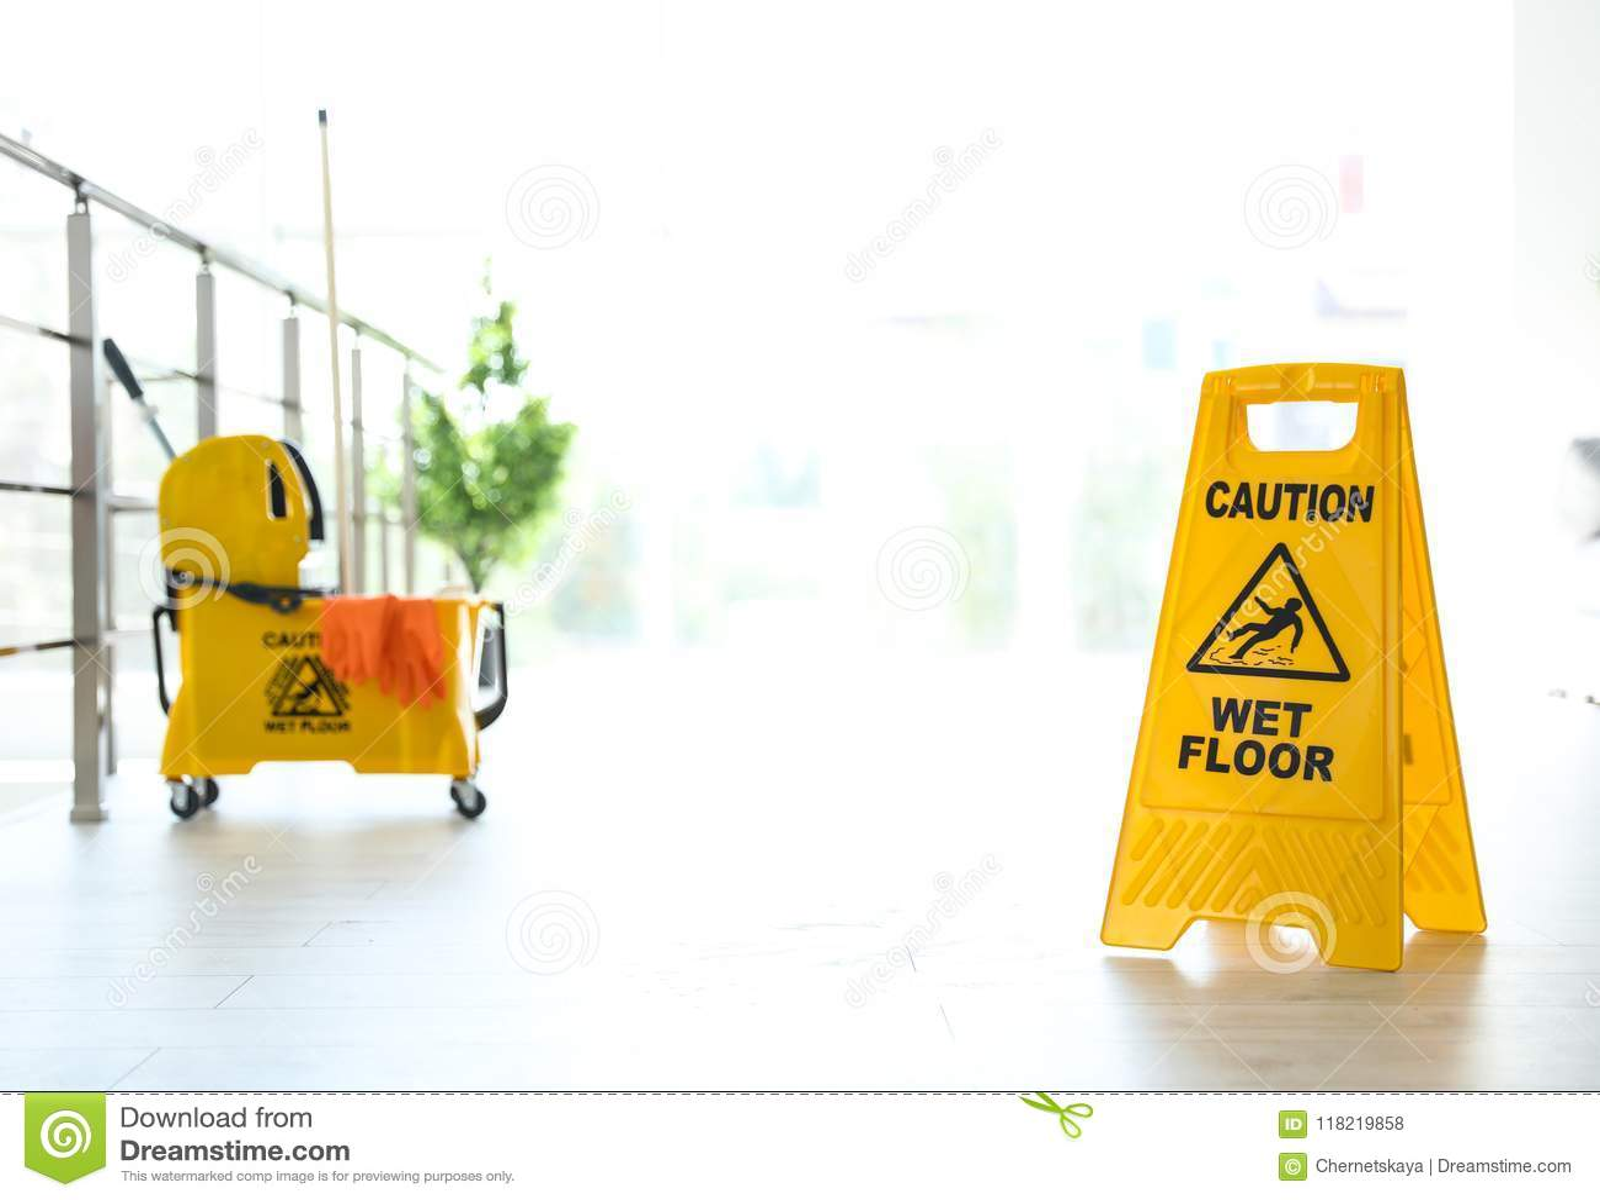 Drücken Sie VORSICHT-NASSEN BODEN auf Sicherheitszeichen aus und färben Sie Moppeimer mit Putzzeug, zuhause gelb